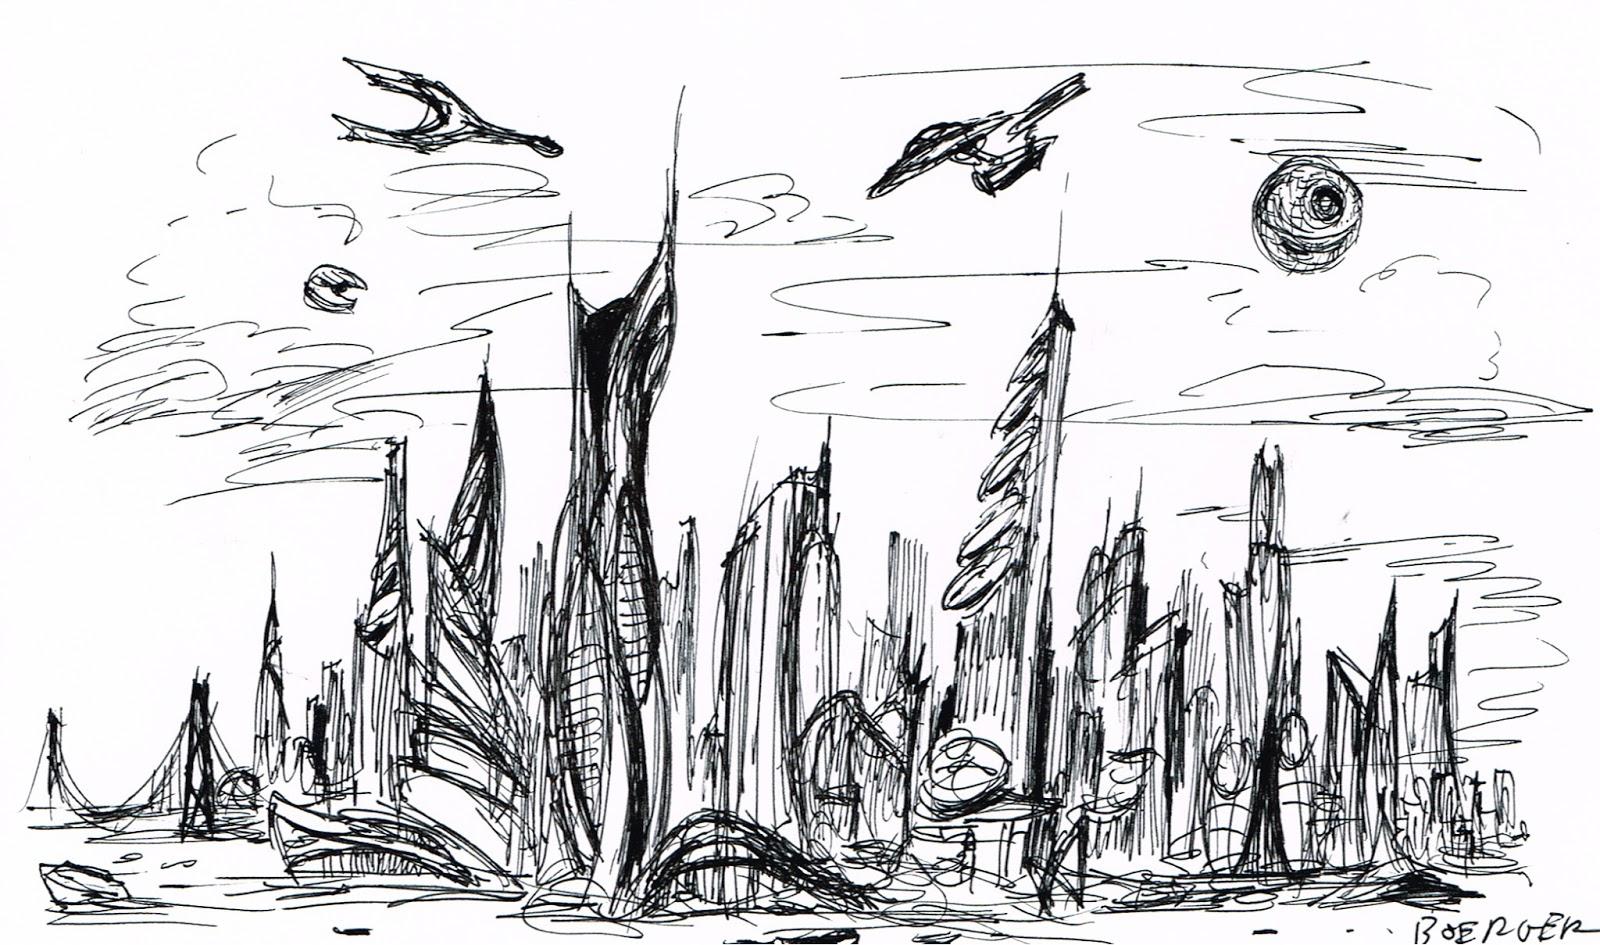 Andy S Art Futuristic Cityscape